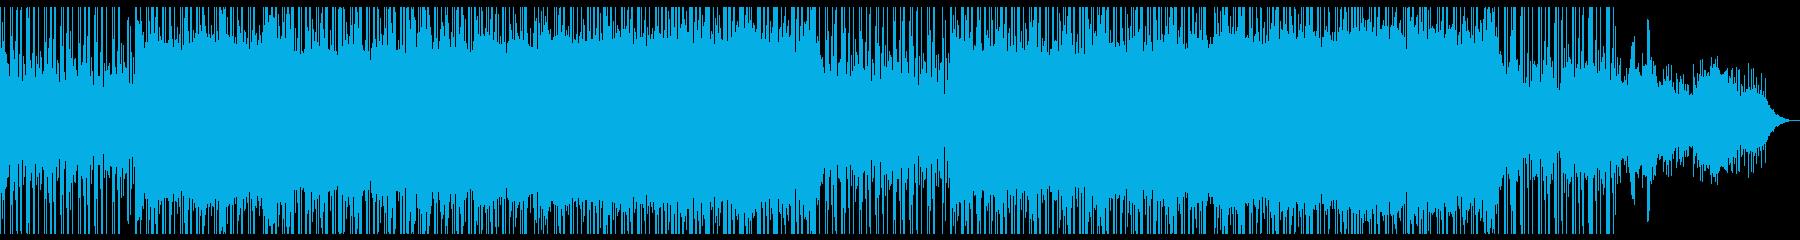 ほんのり和風なラウンジミュージック。の再生済みの波形